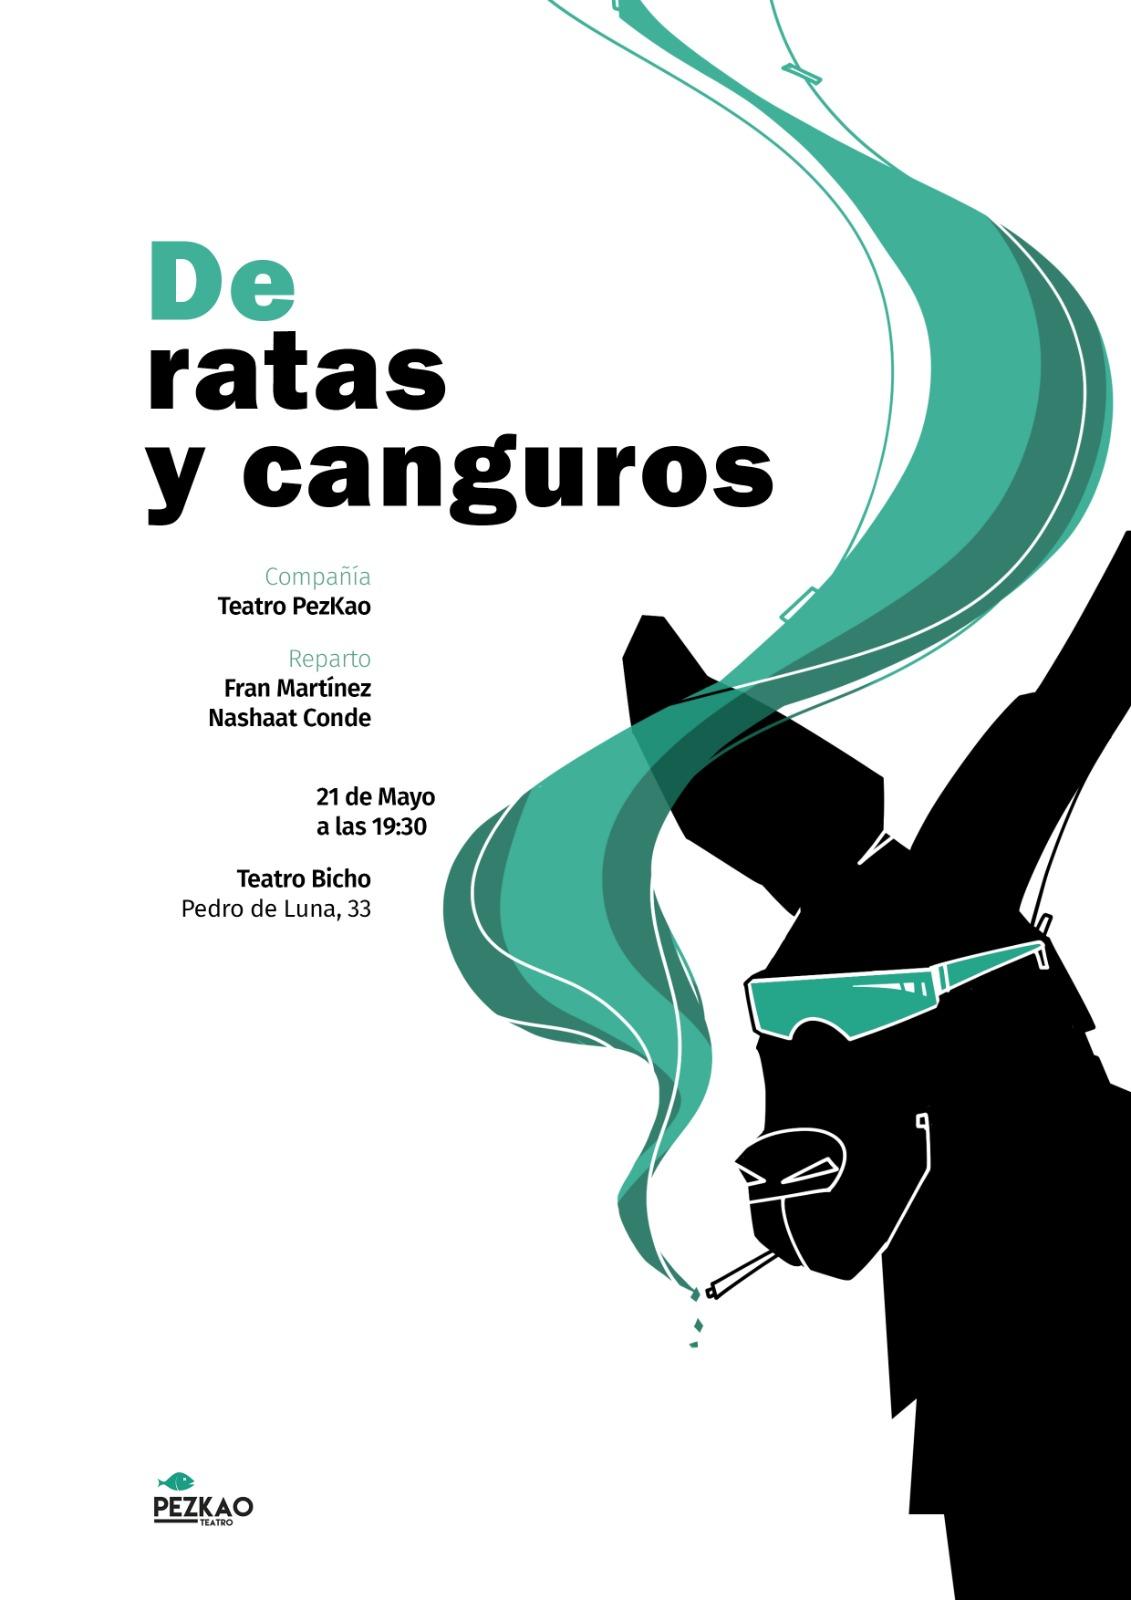 «De ratas y canguros» Cía Teatro PezKao